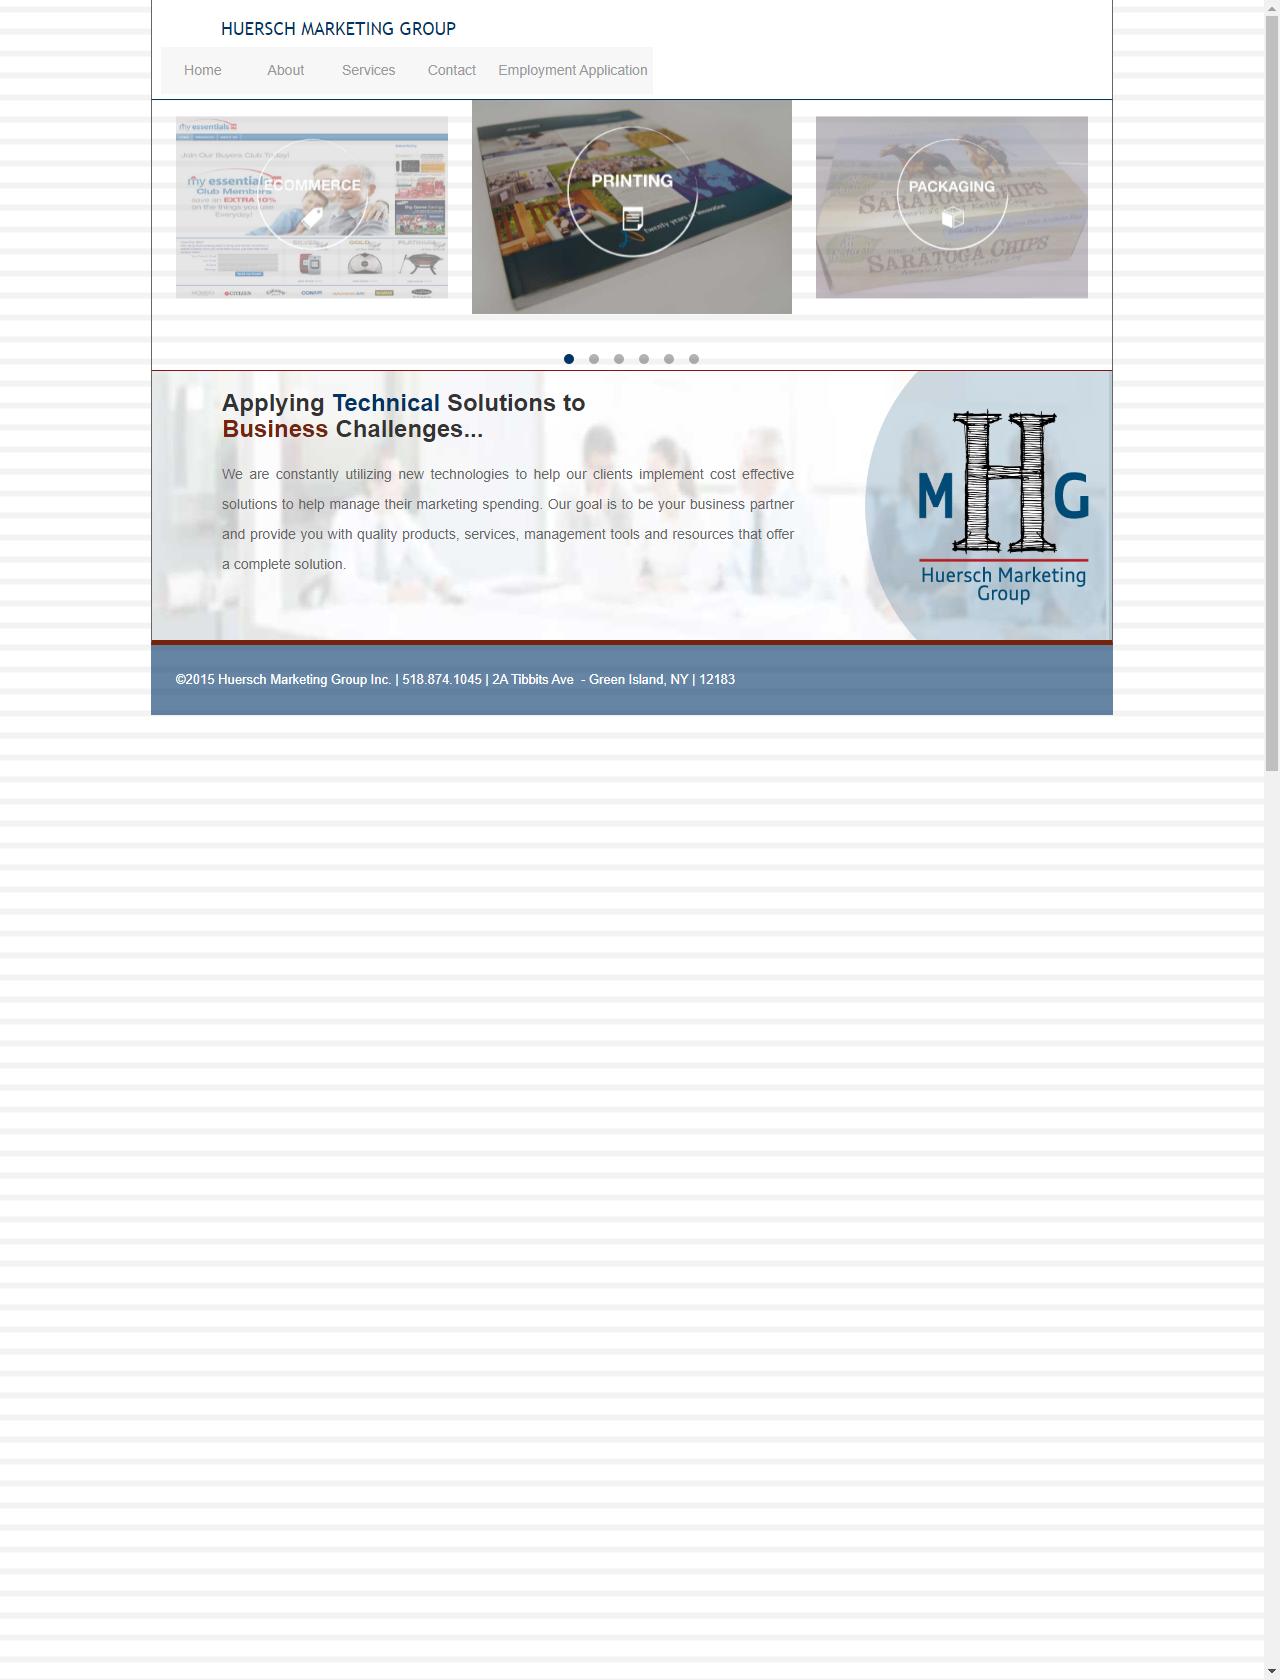 Screenshot Desktop - https://huersch.com/